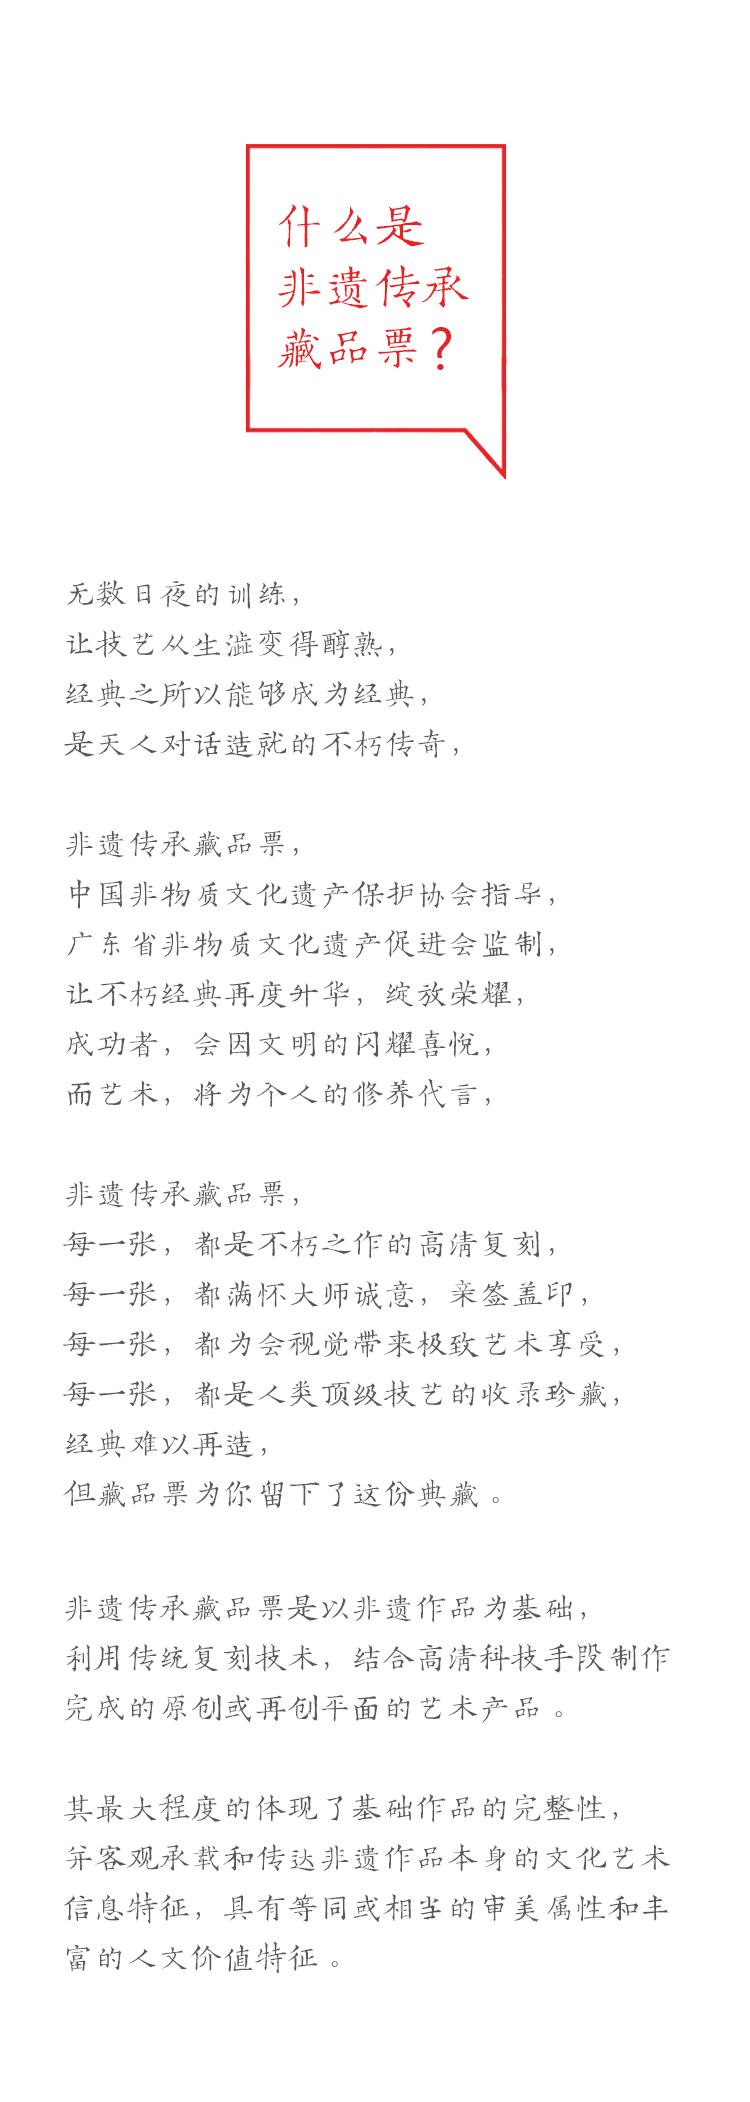 旧西关风情之和煦锦绣_05.jpg